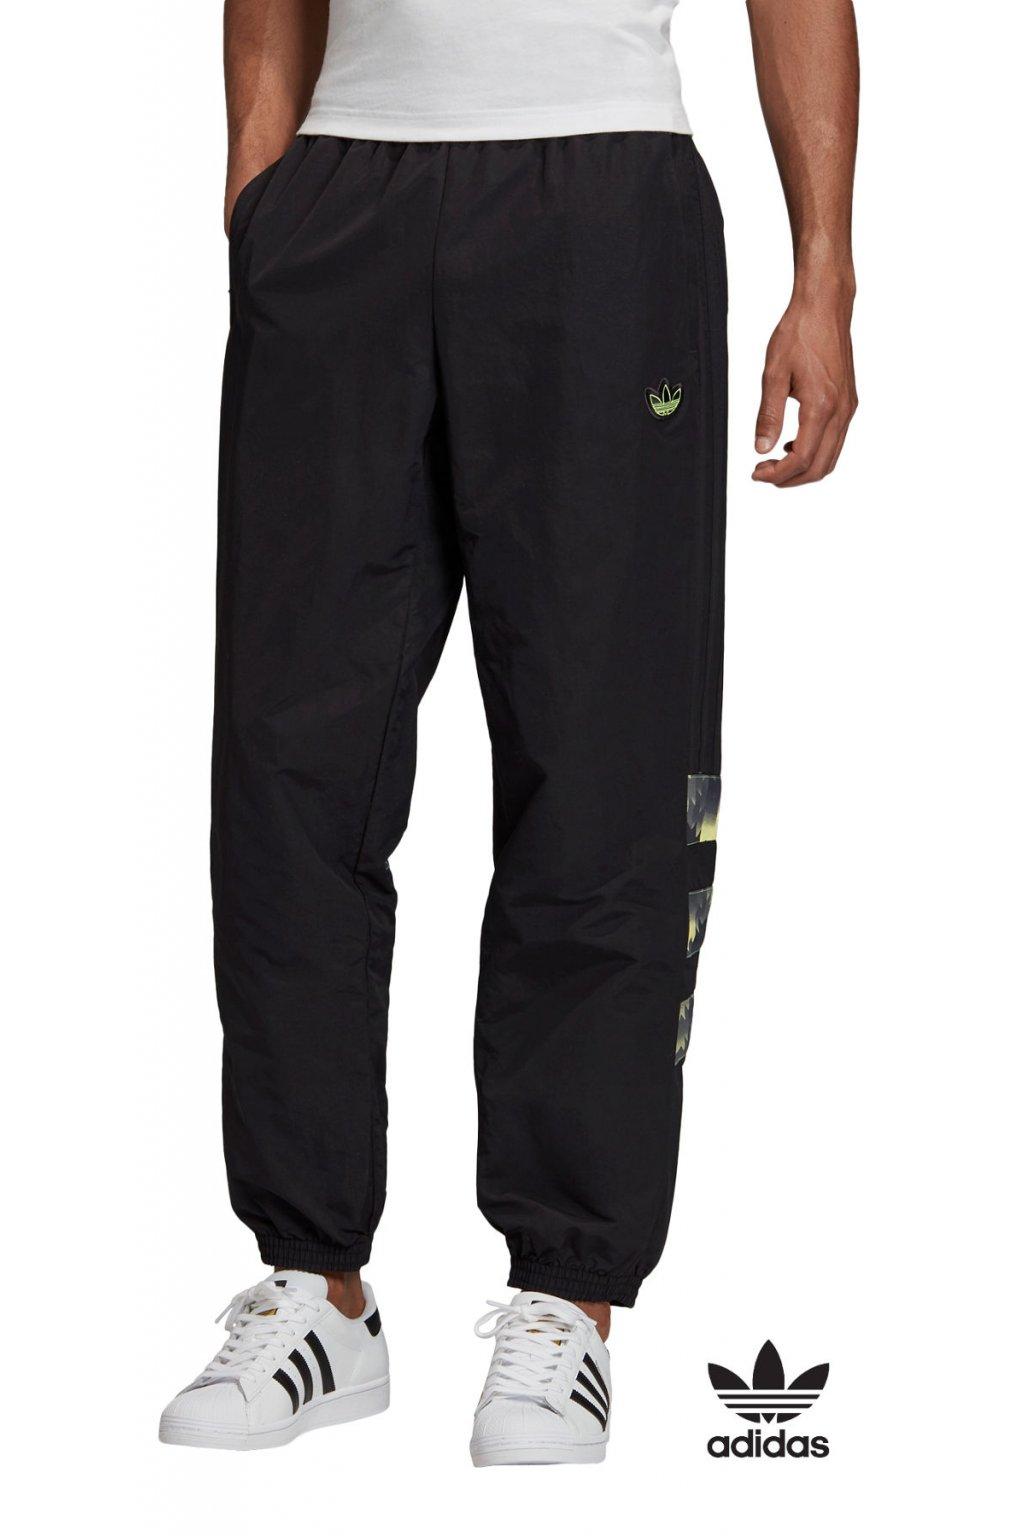 fm3401 panske teplaky adidas football pants cierne